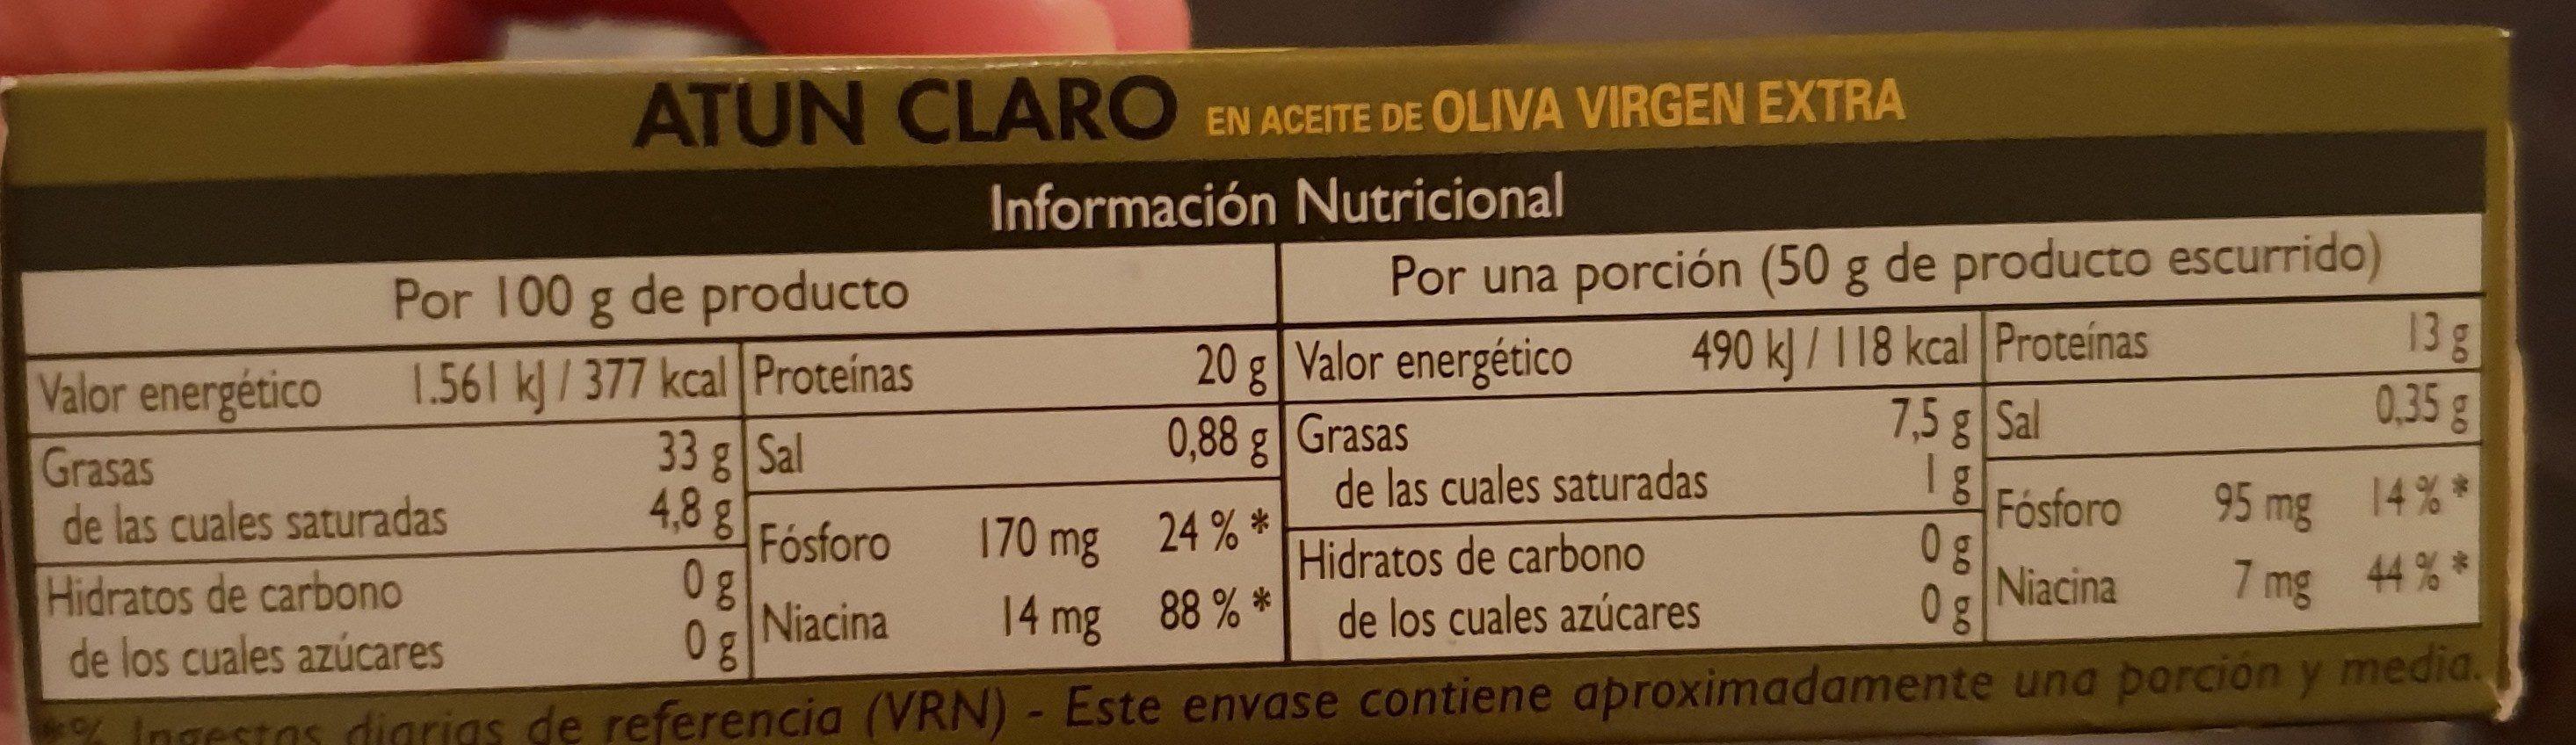 Atún claro en aceite de oliva virgen extra - Ingrédients